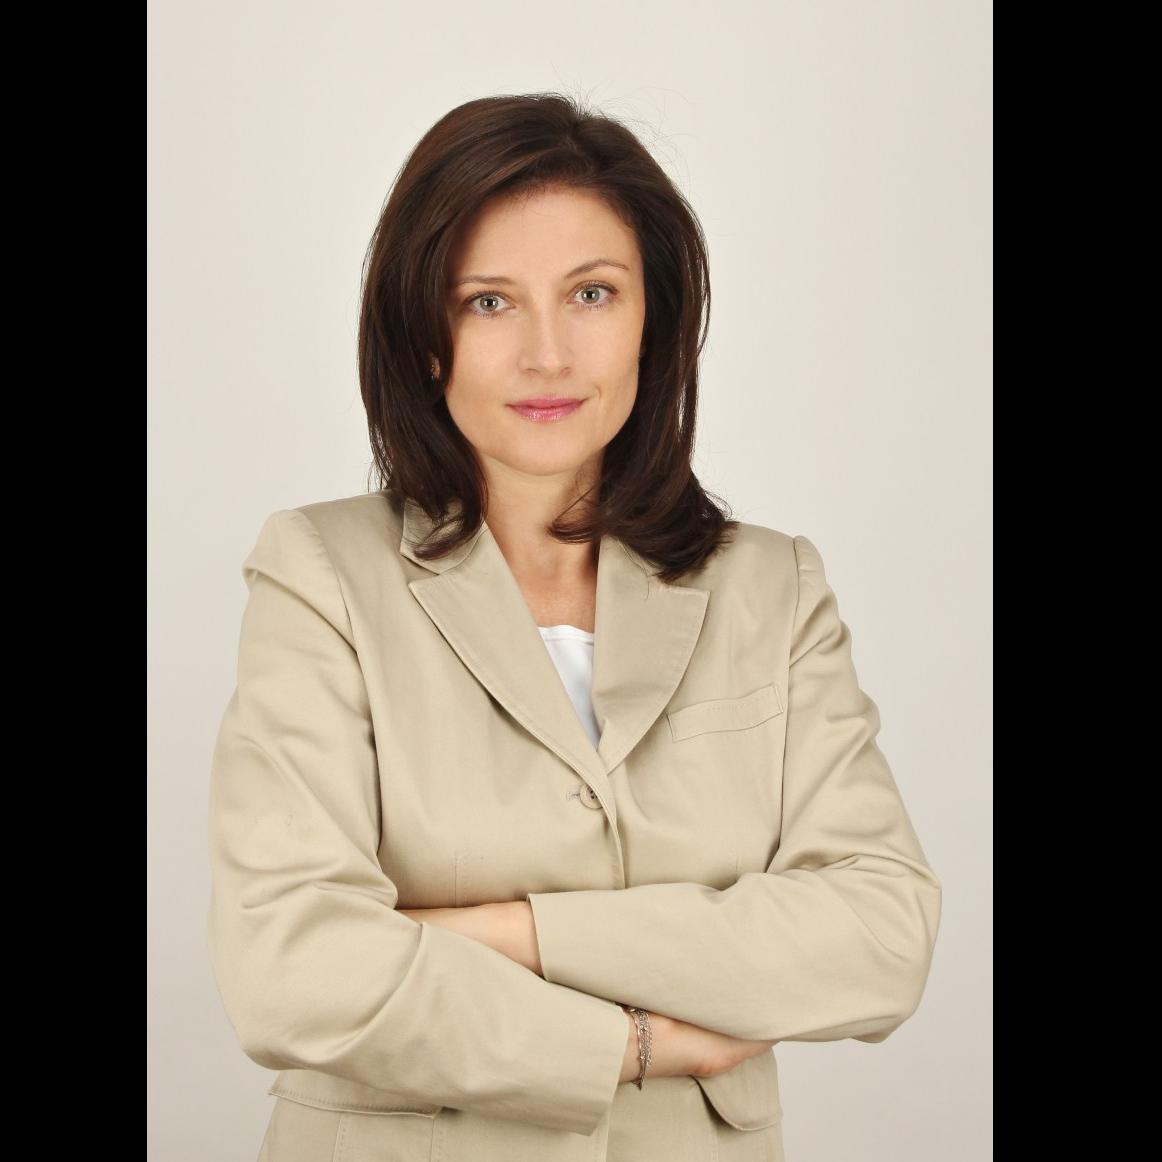 Agata Frączek